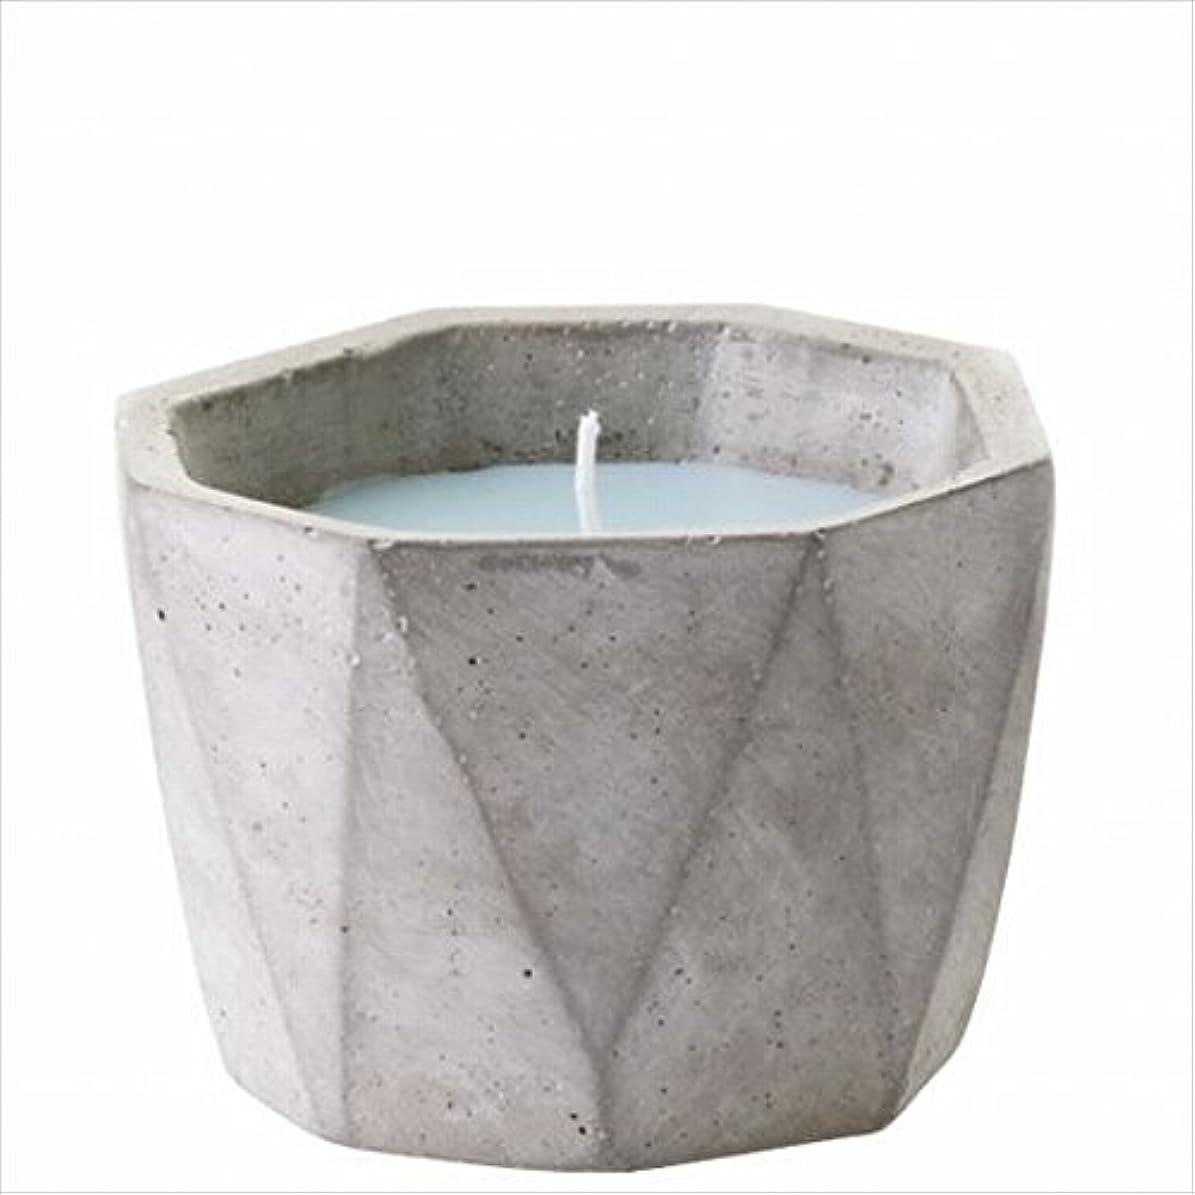 ピービッシュ小人ピカソカメヤマキャンドル(kameyama candle) POiNT A LA LiGNE セメントポットセンティッドキャンドル 「 モックオレンジミント 」